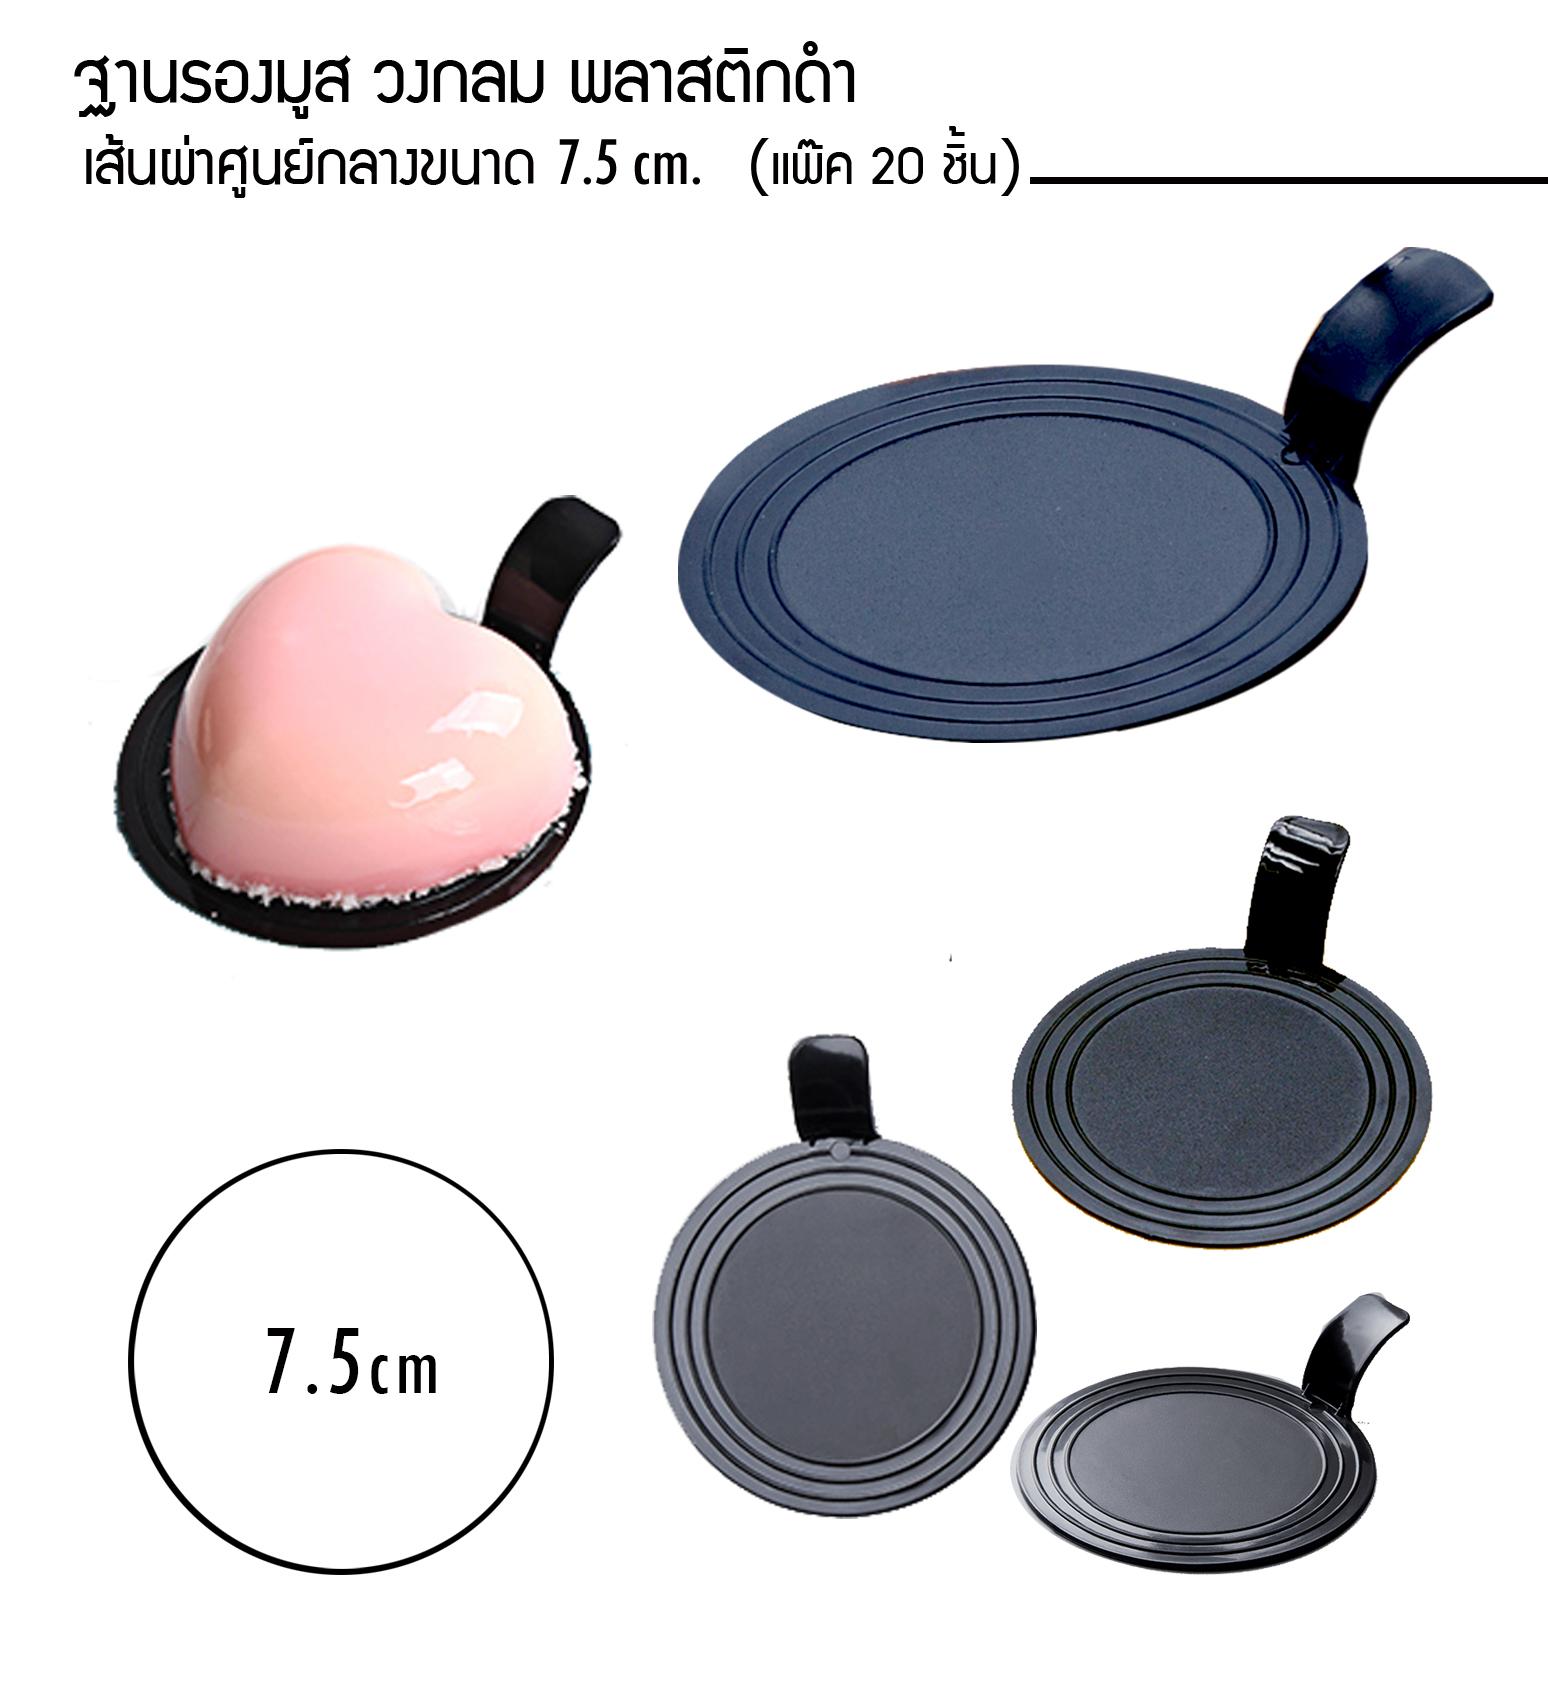 ฐานรองมูส กลม พลาสติกสีดำ แพ๊ค20 ชิ้น (7.5 cm.)